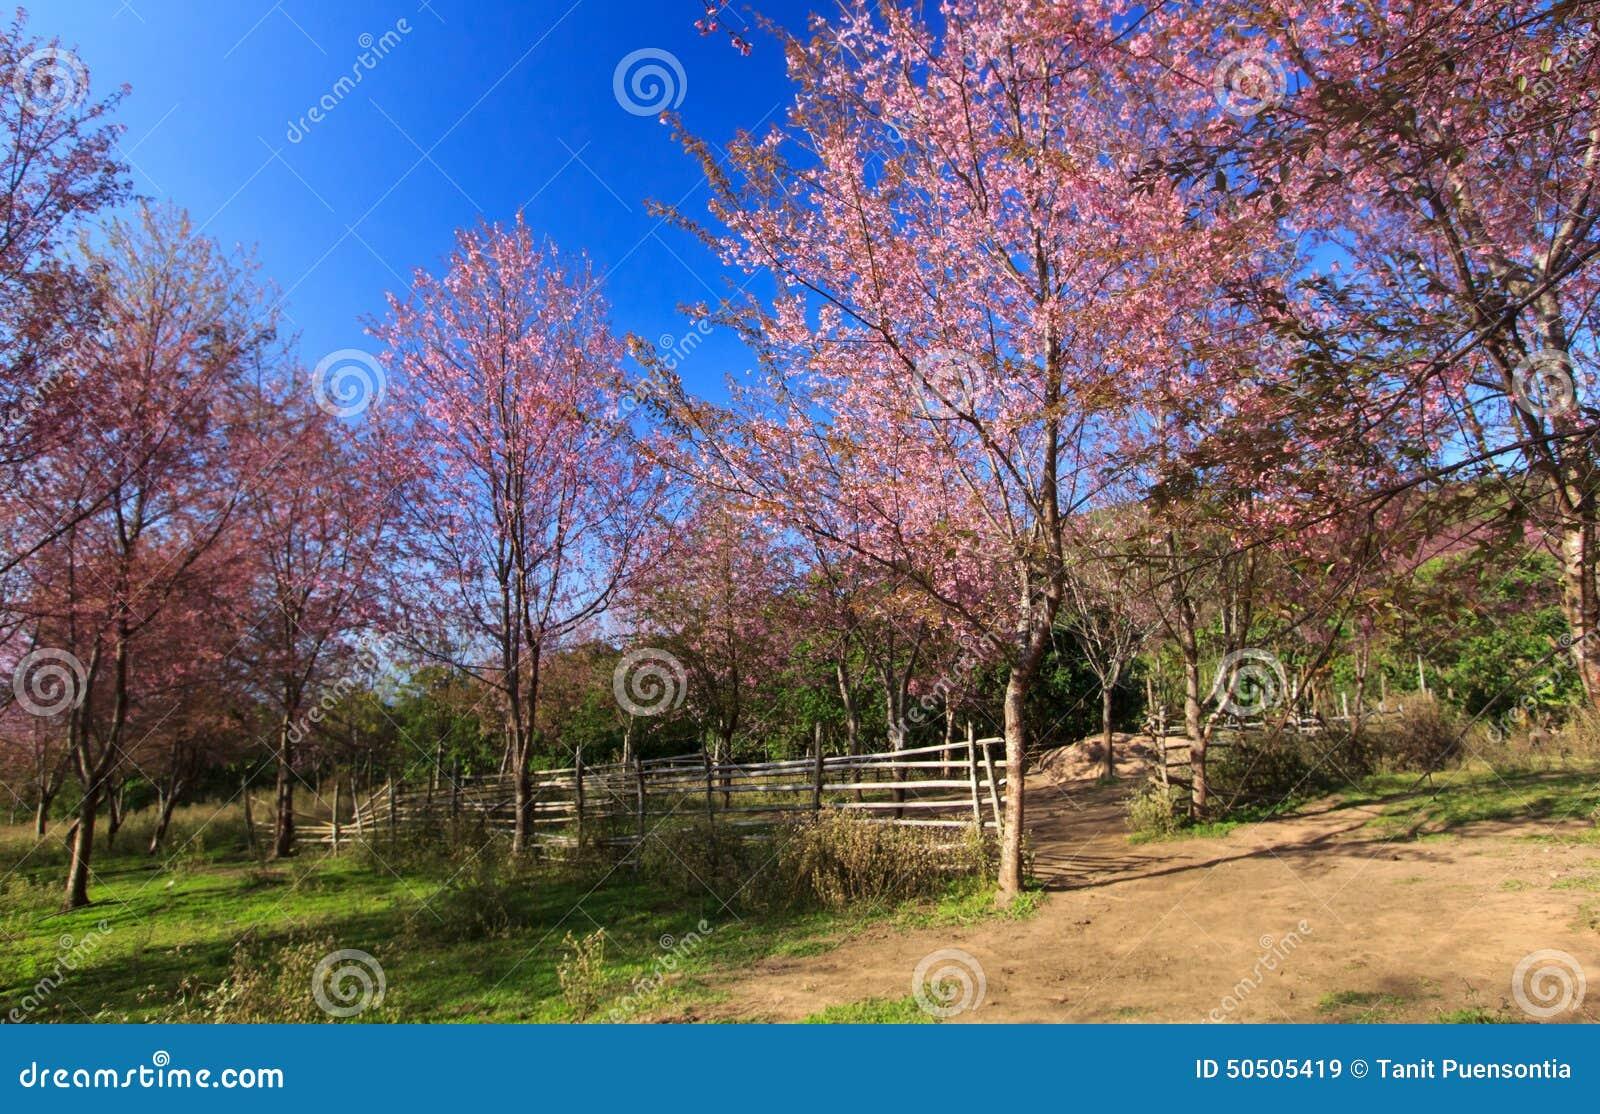 Flor Himalayan salvaje de la cereza (Sakura de Tailandia o cerasoides del Prunus) en la montaña de Phu Lom Lo, Loei, Tailandia